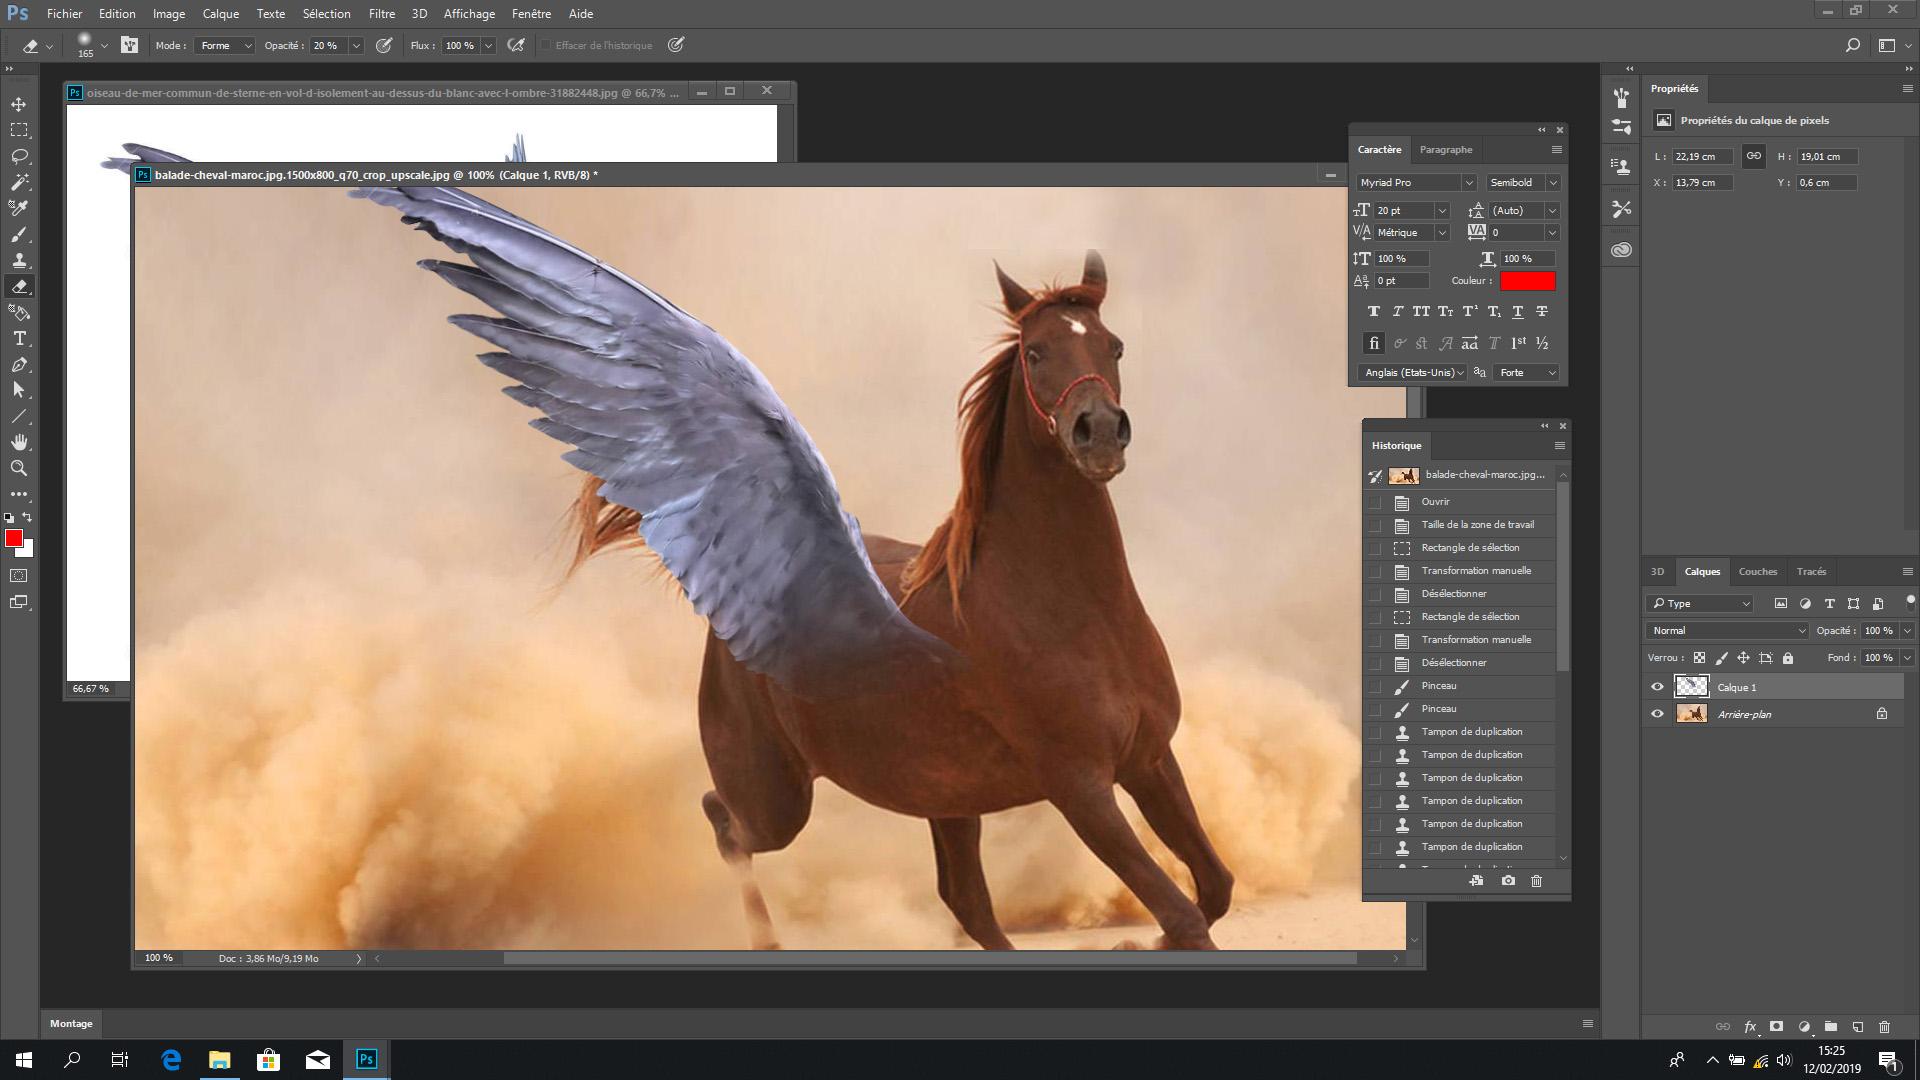 La démarcation n'est plus flagrante entre l'aile et le flanc du cheval. La gomme a fait son petit effet !